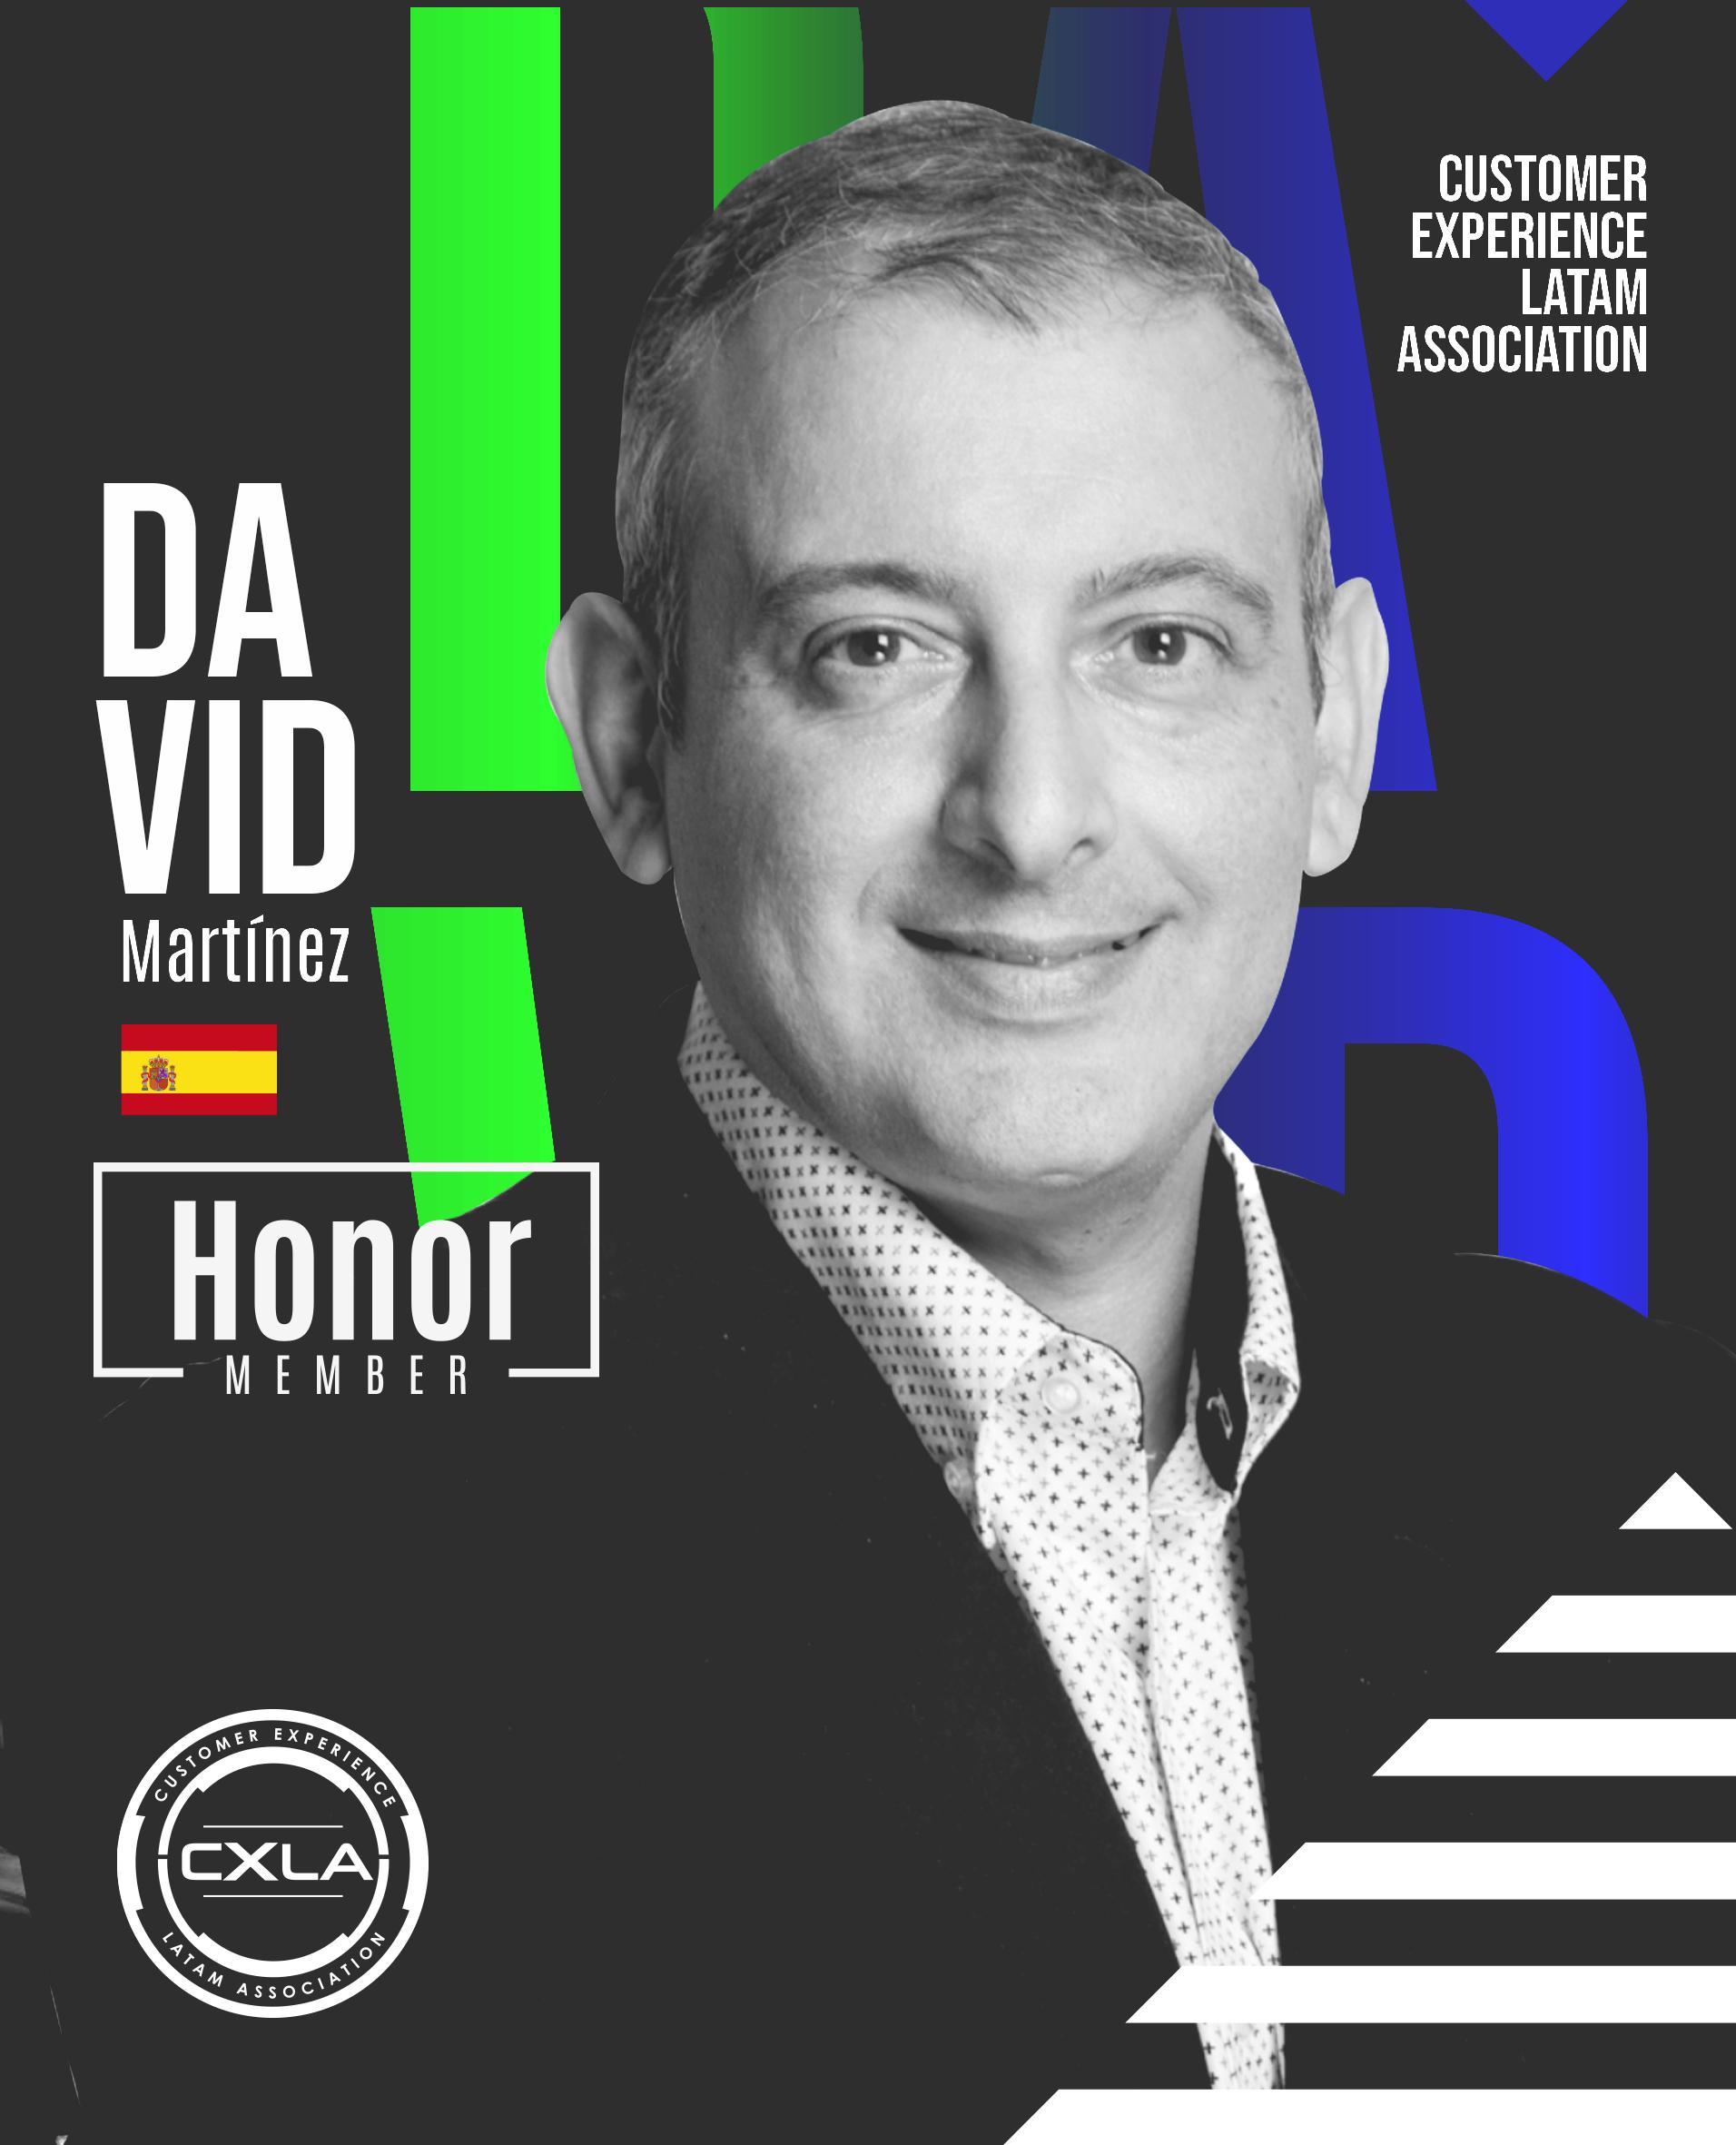 David Martinez Calduch - Top 50 European Social Selling Professionals